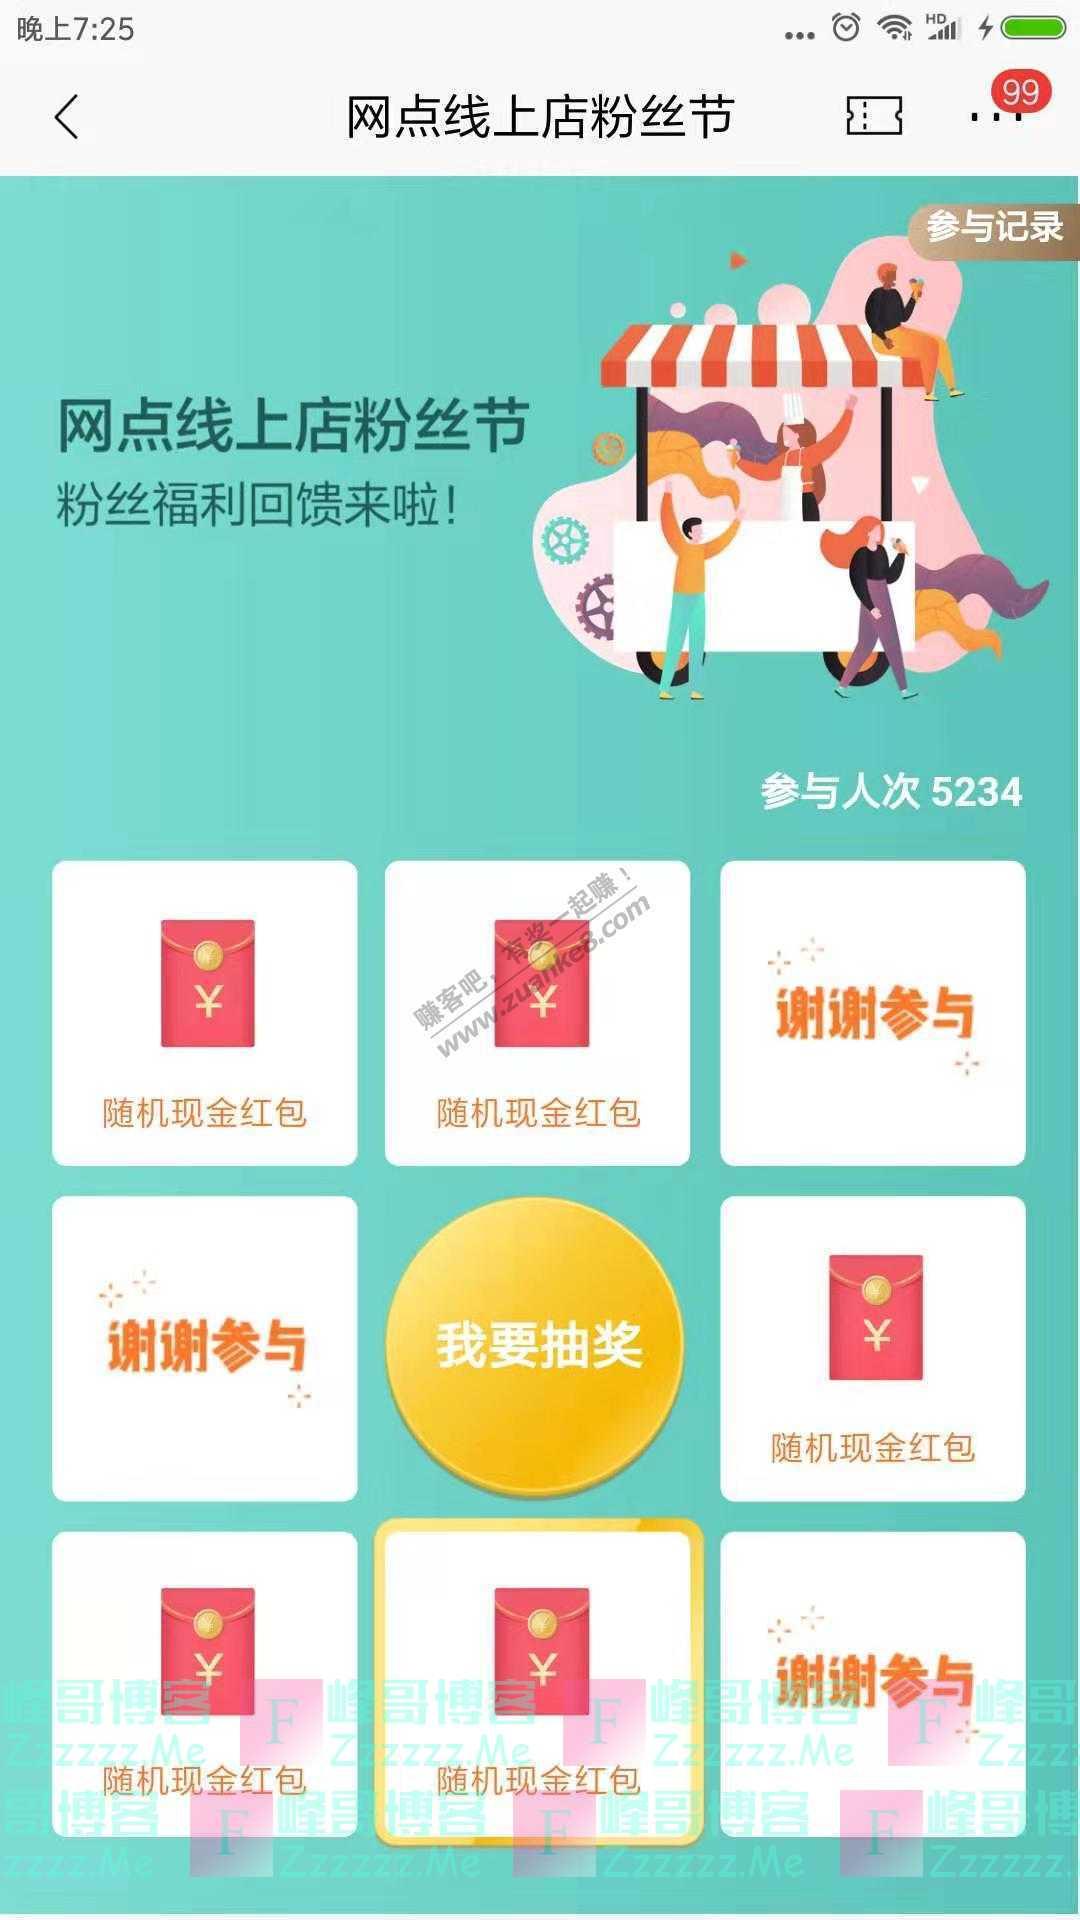 招商银行app网点线上店粉丝节(截止11月30日)